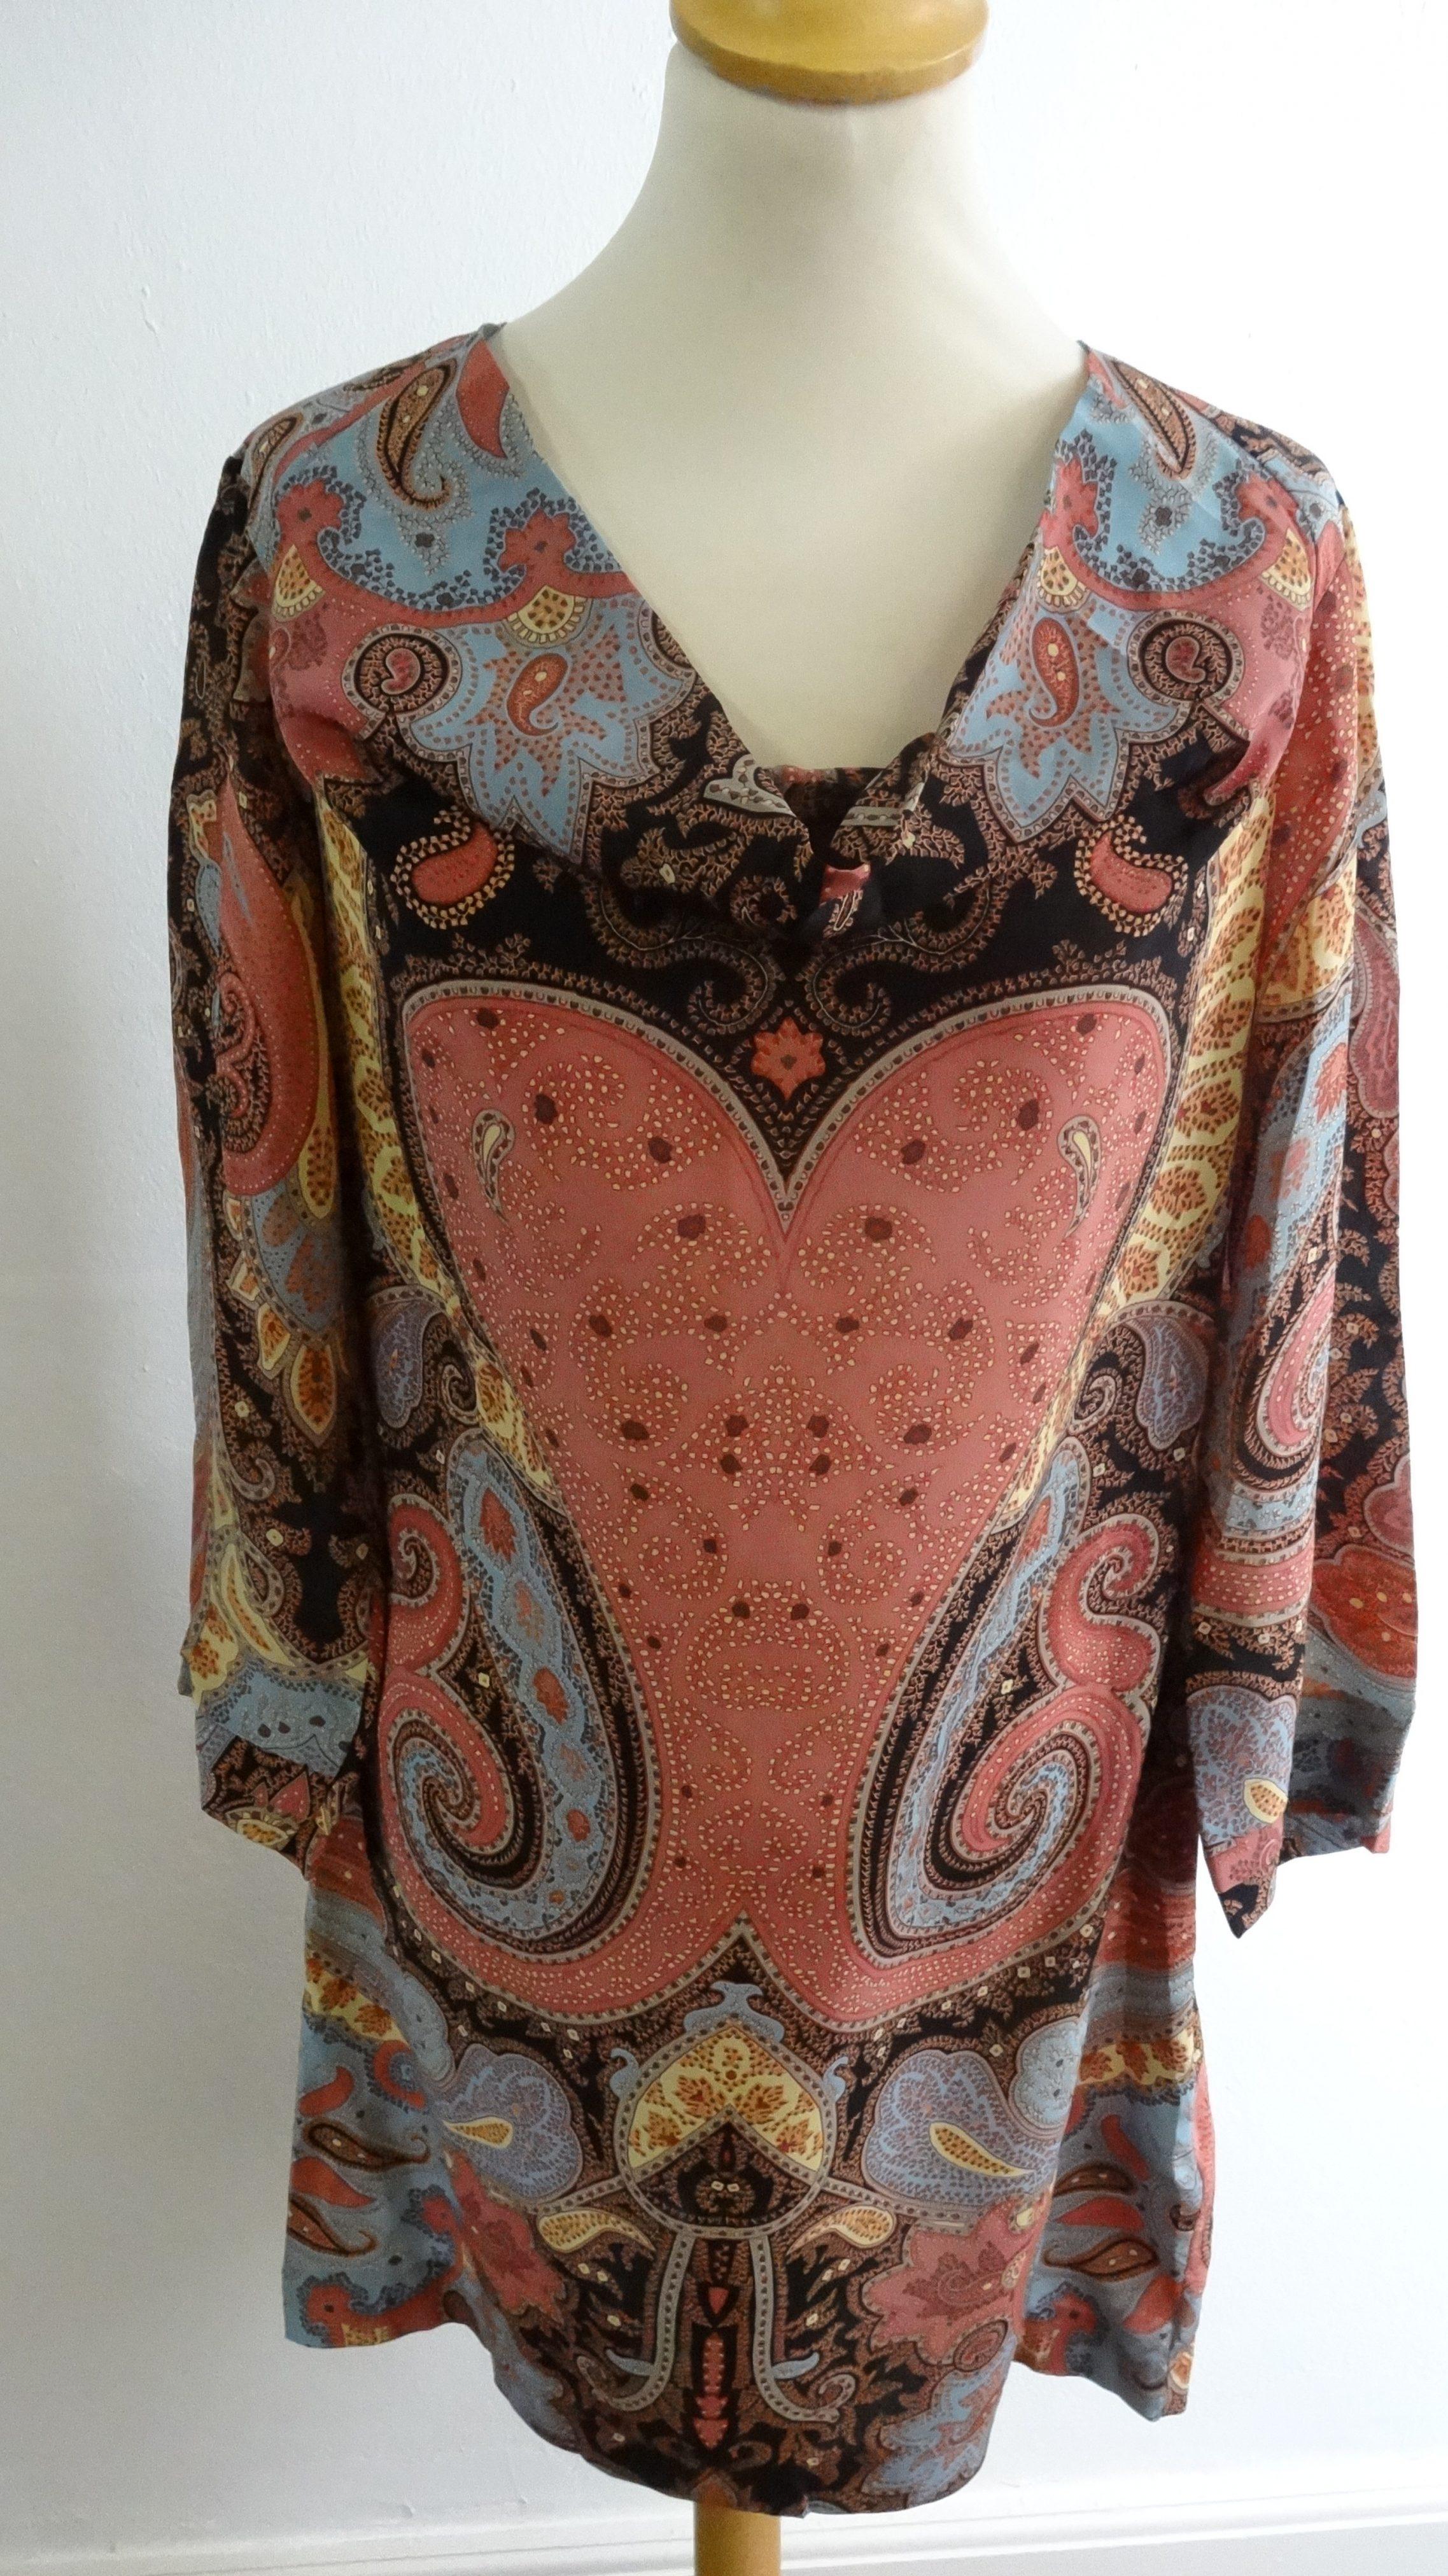 fa7dc463a51c Dansk) Margit Brandt kjole tunika - Care   Share Vintage